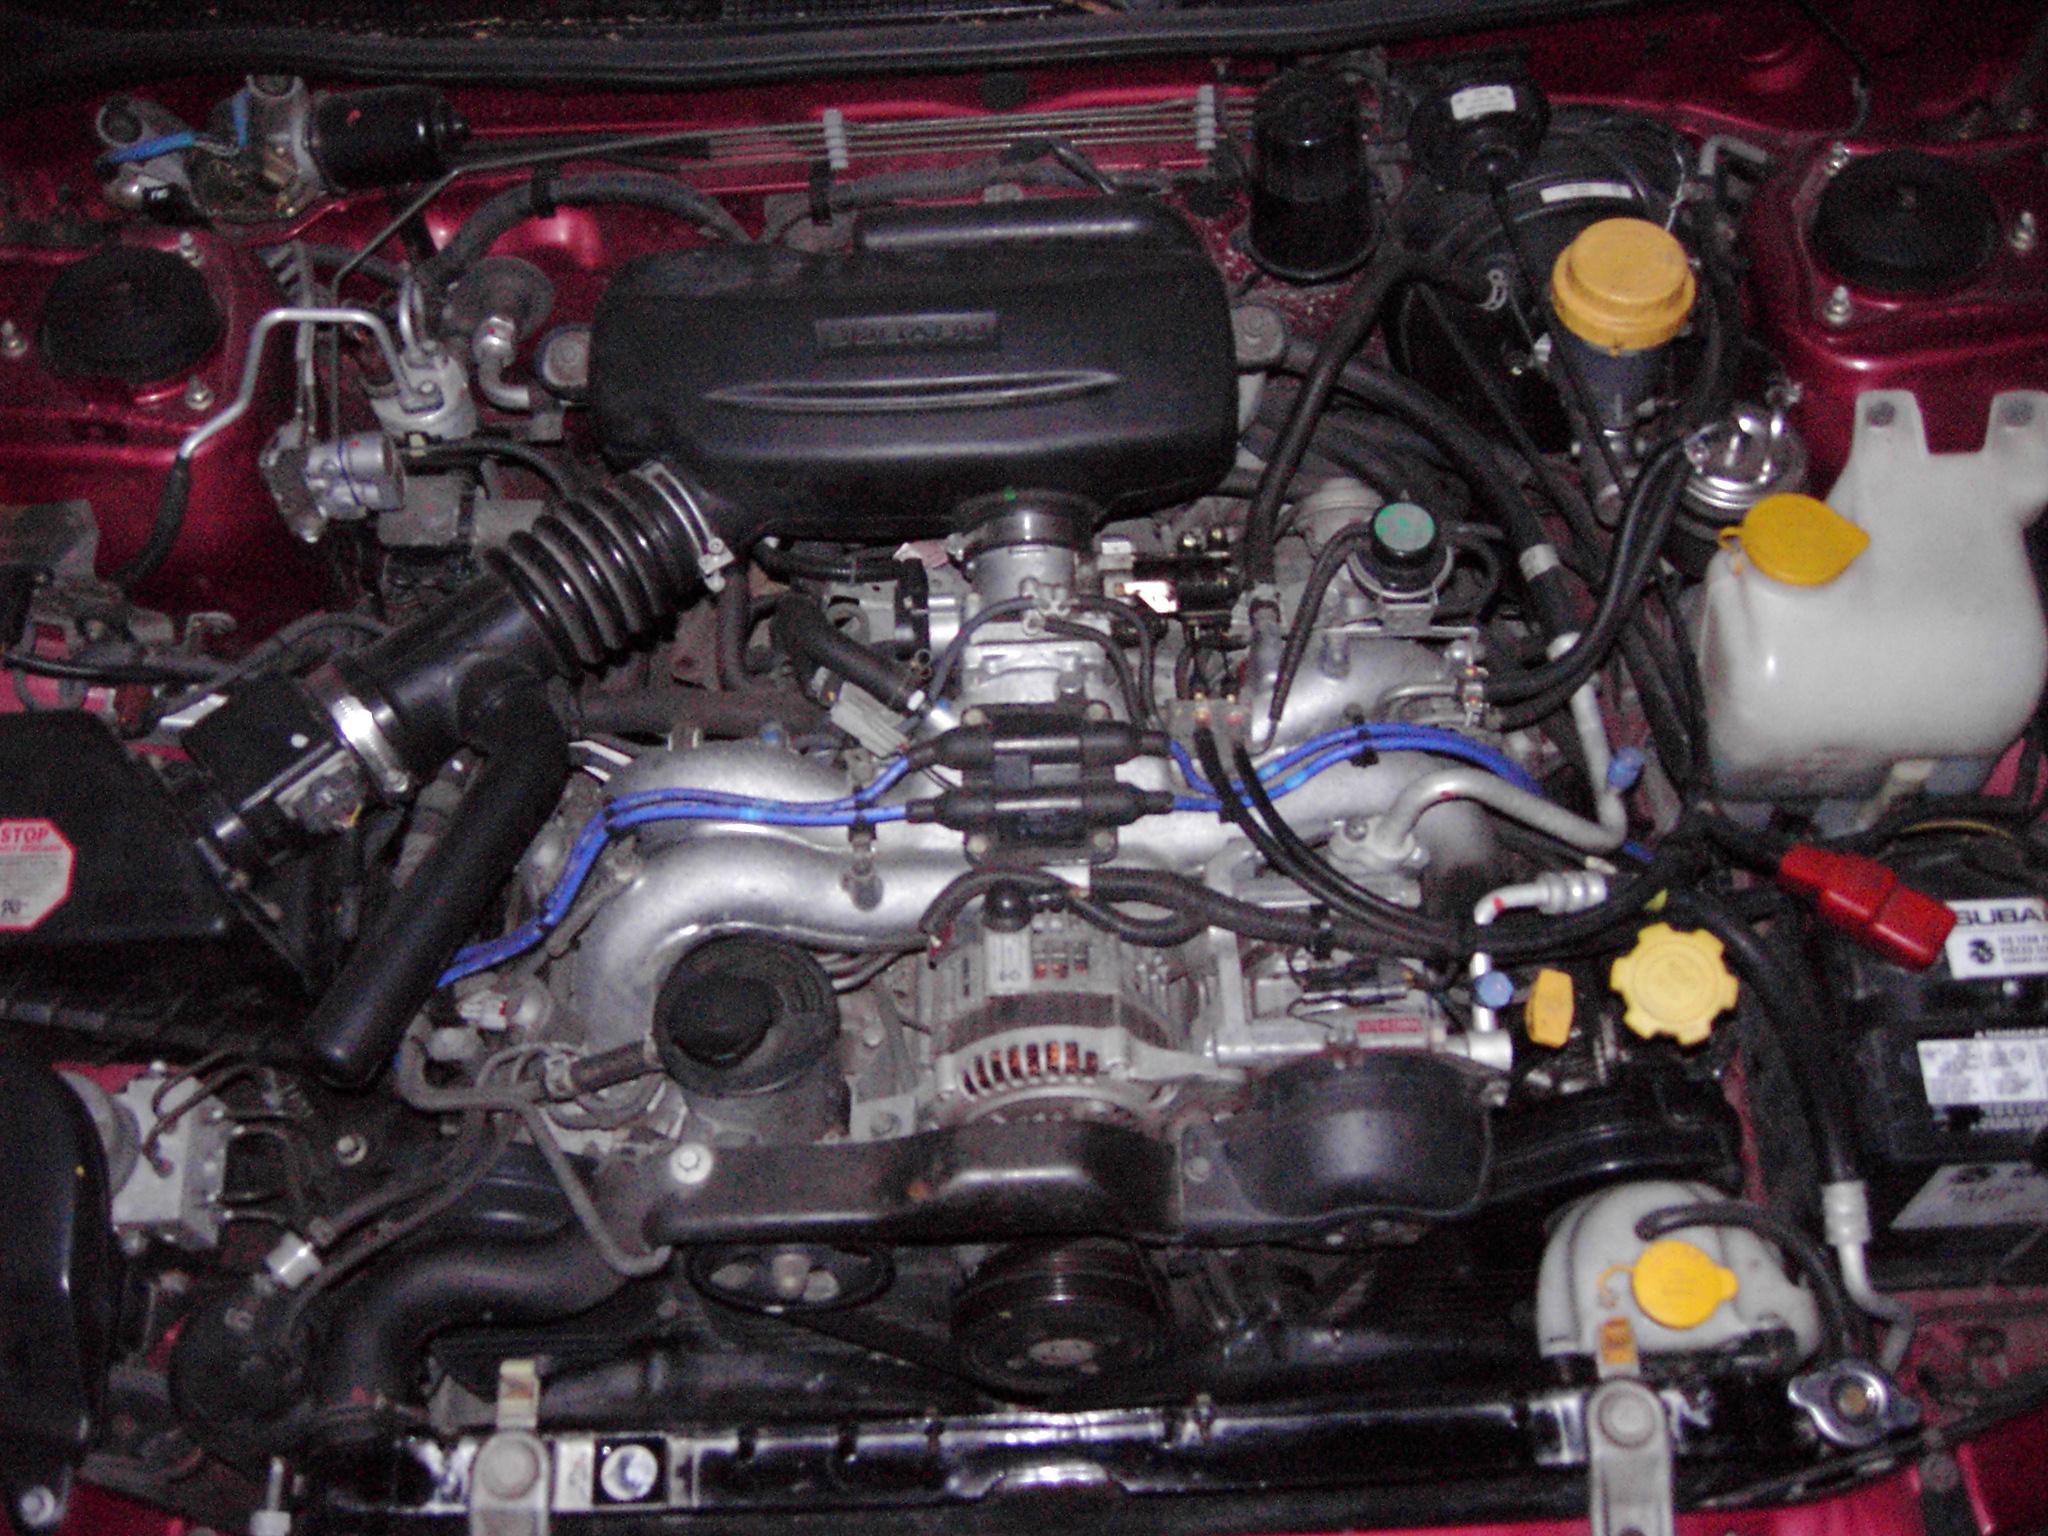 2000 Subaru Engine Diagram Nissan Pulsar Gtir Fuse Box Code 03 Honda Accordd Waystar Fr